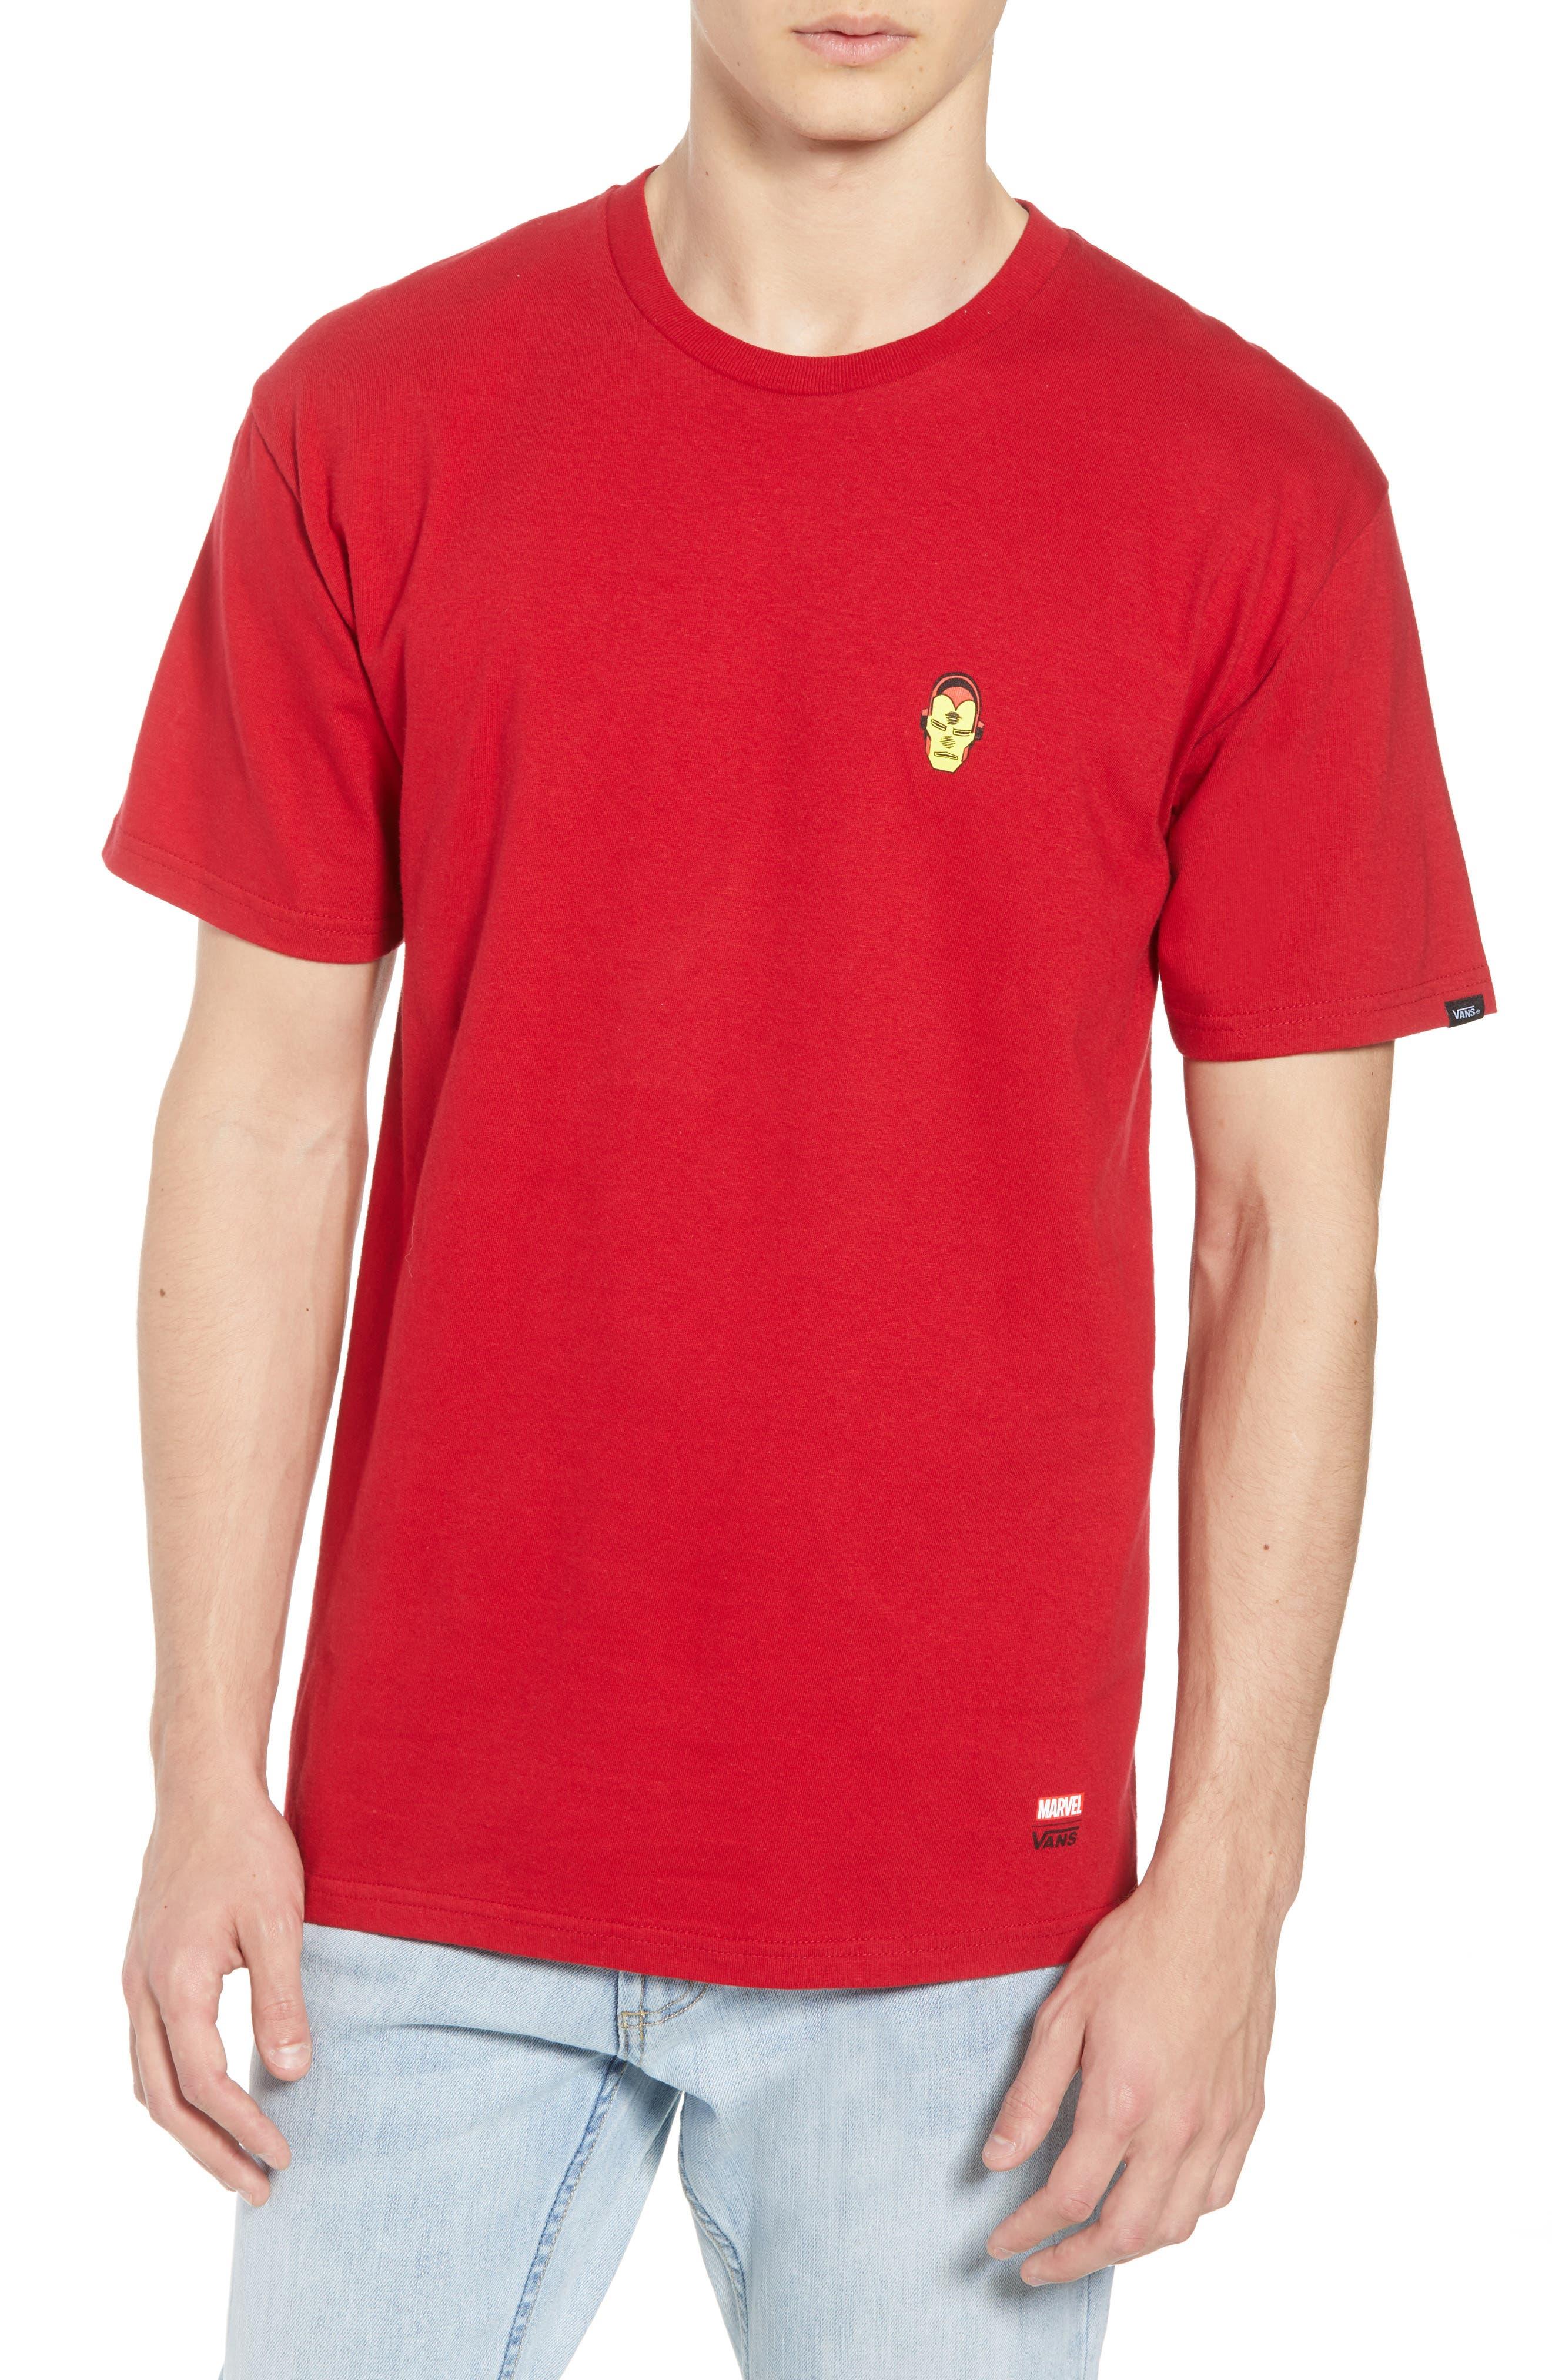 x Marvel<sup>®</sup> Iron Man T-Shirt,                         Main,                         color, Cardinal